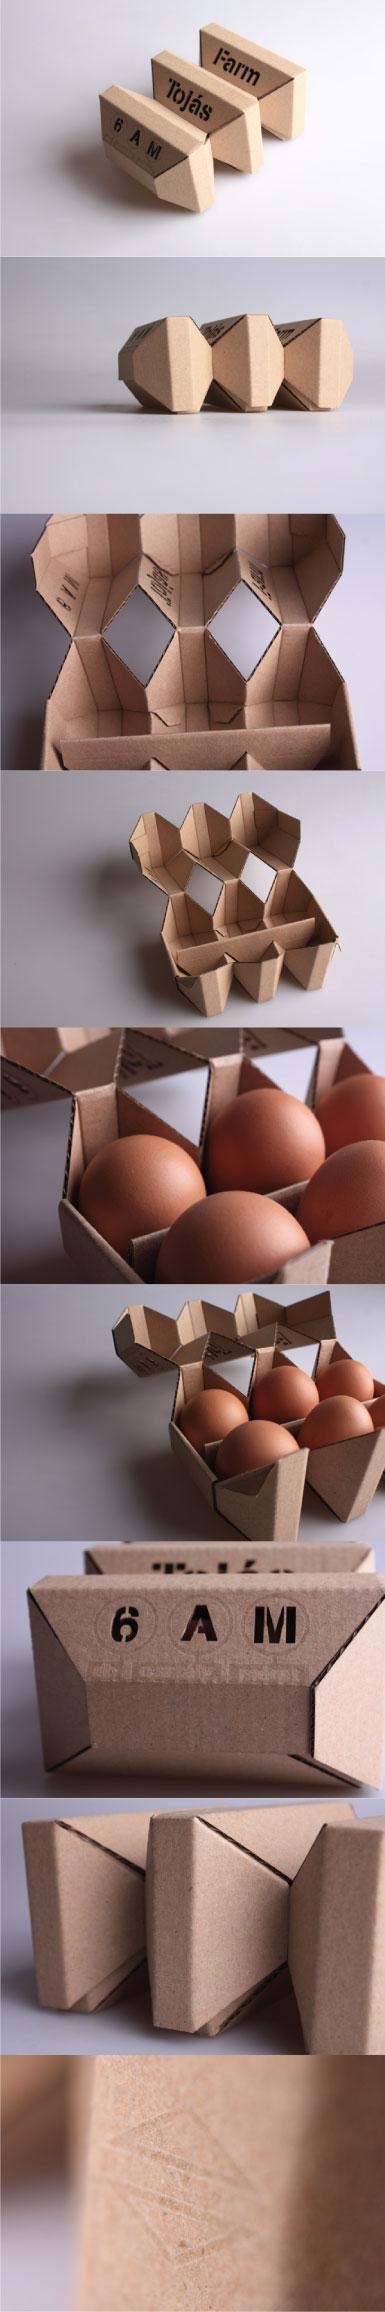 Boite à Œufs design origami